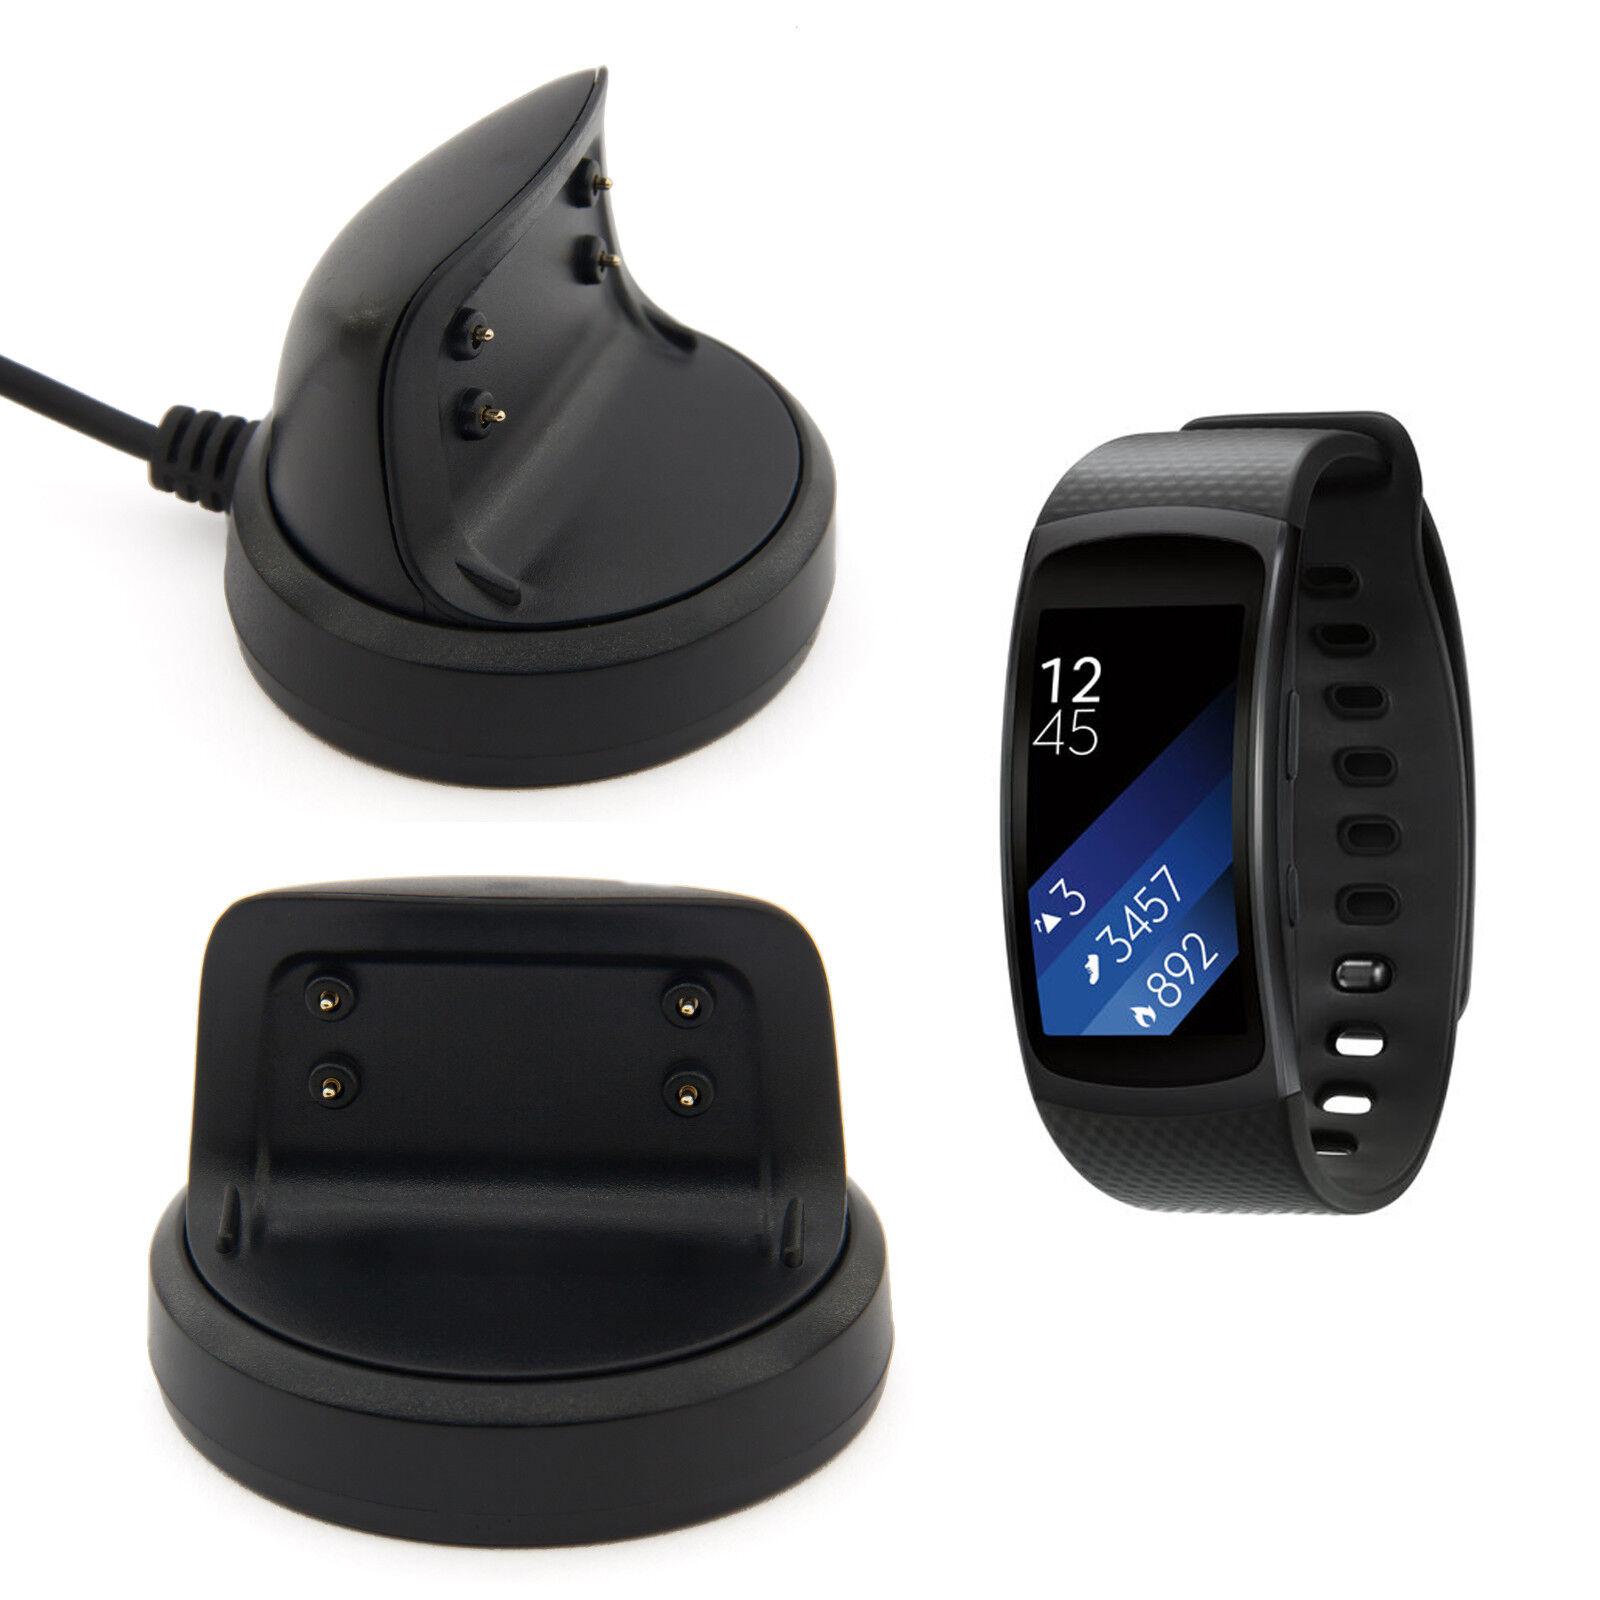 USB Dock Ladestation Ladegerät Samsung Gear Fit 2 & Pro SMR360 Charger Ladekabel